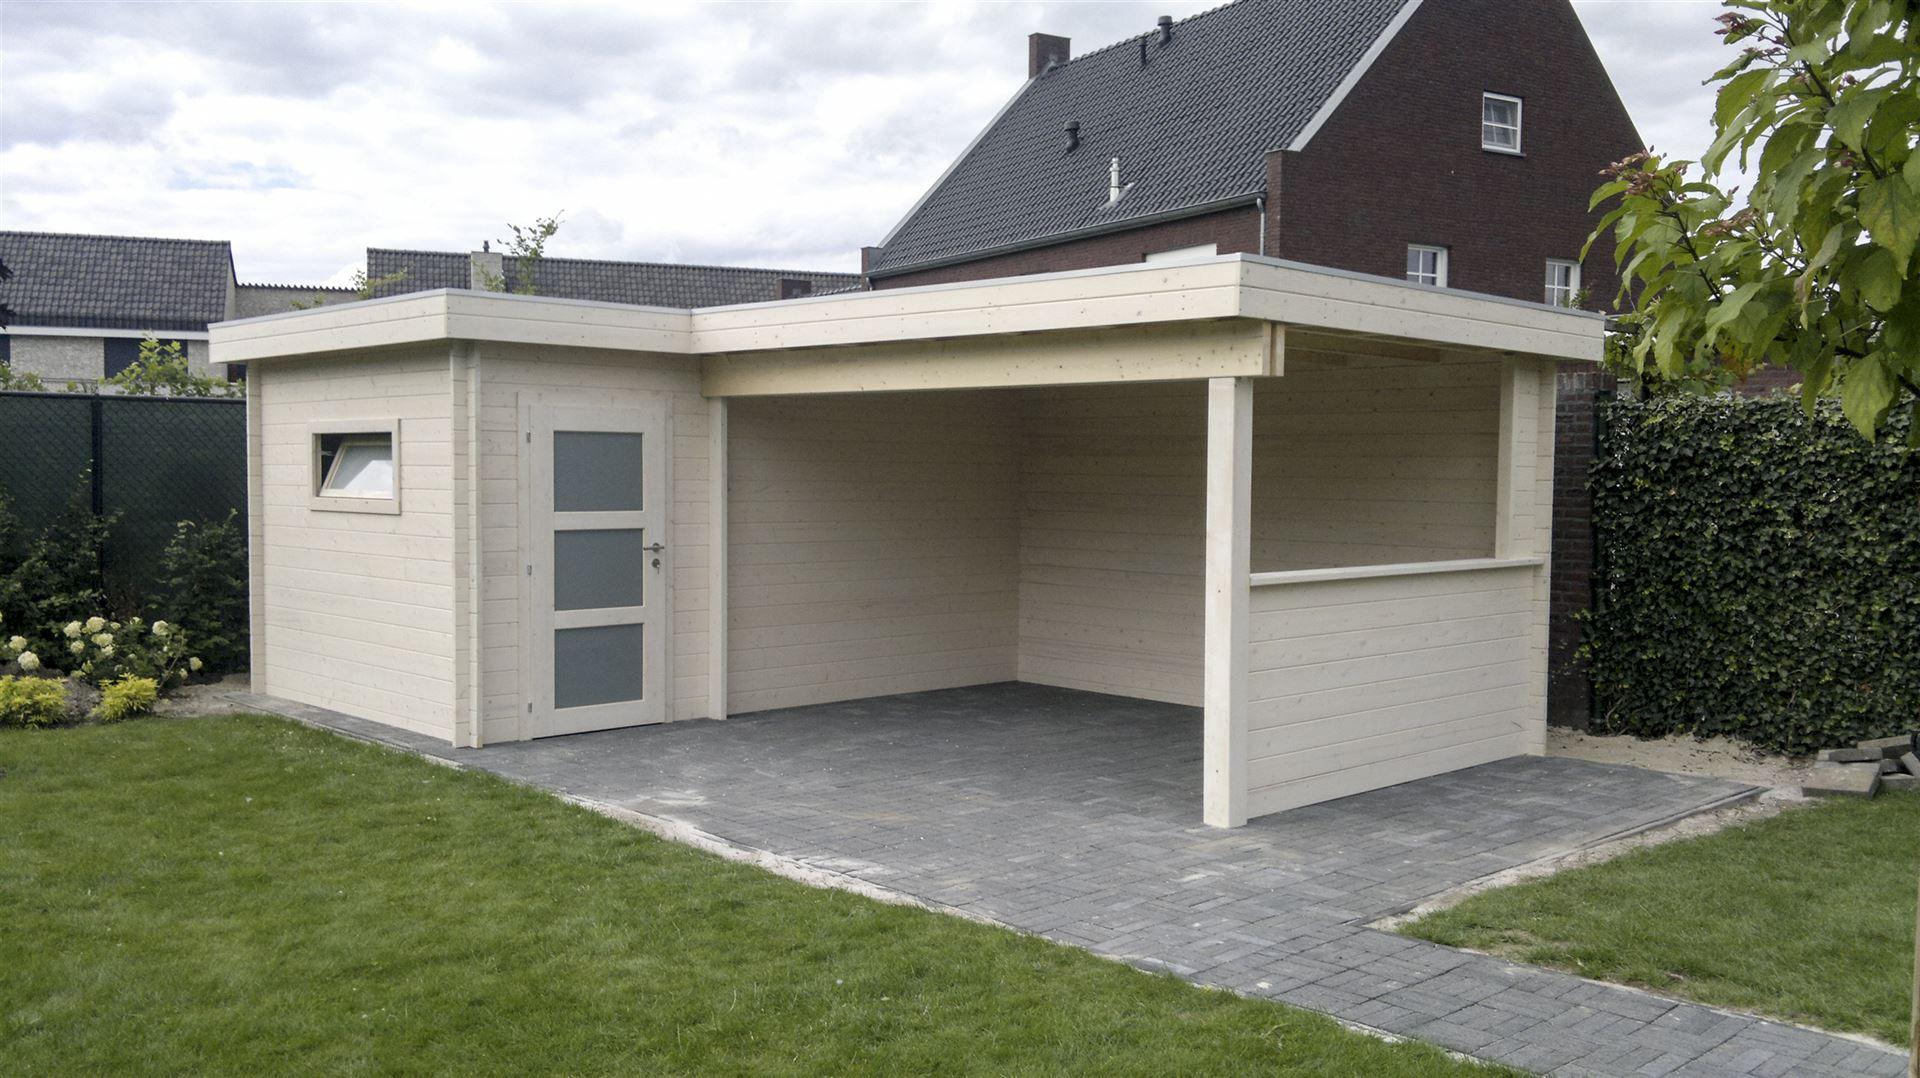 Overkapping Met Schuur : Blokwood het resultaat tuinhuis cottage terrasoverkapping